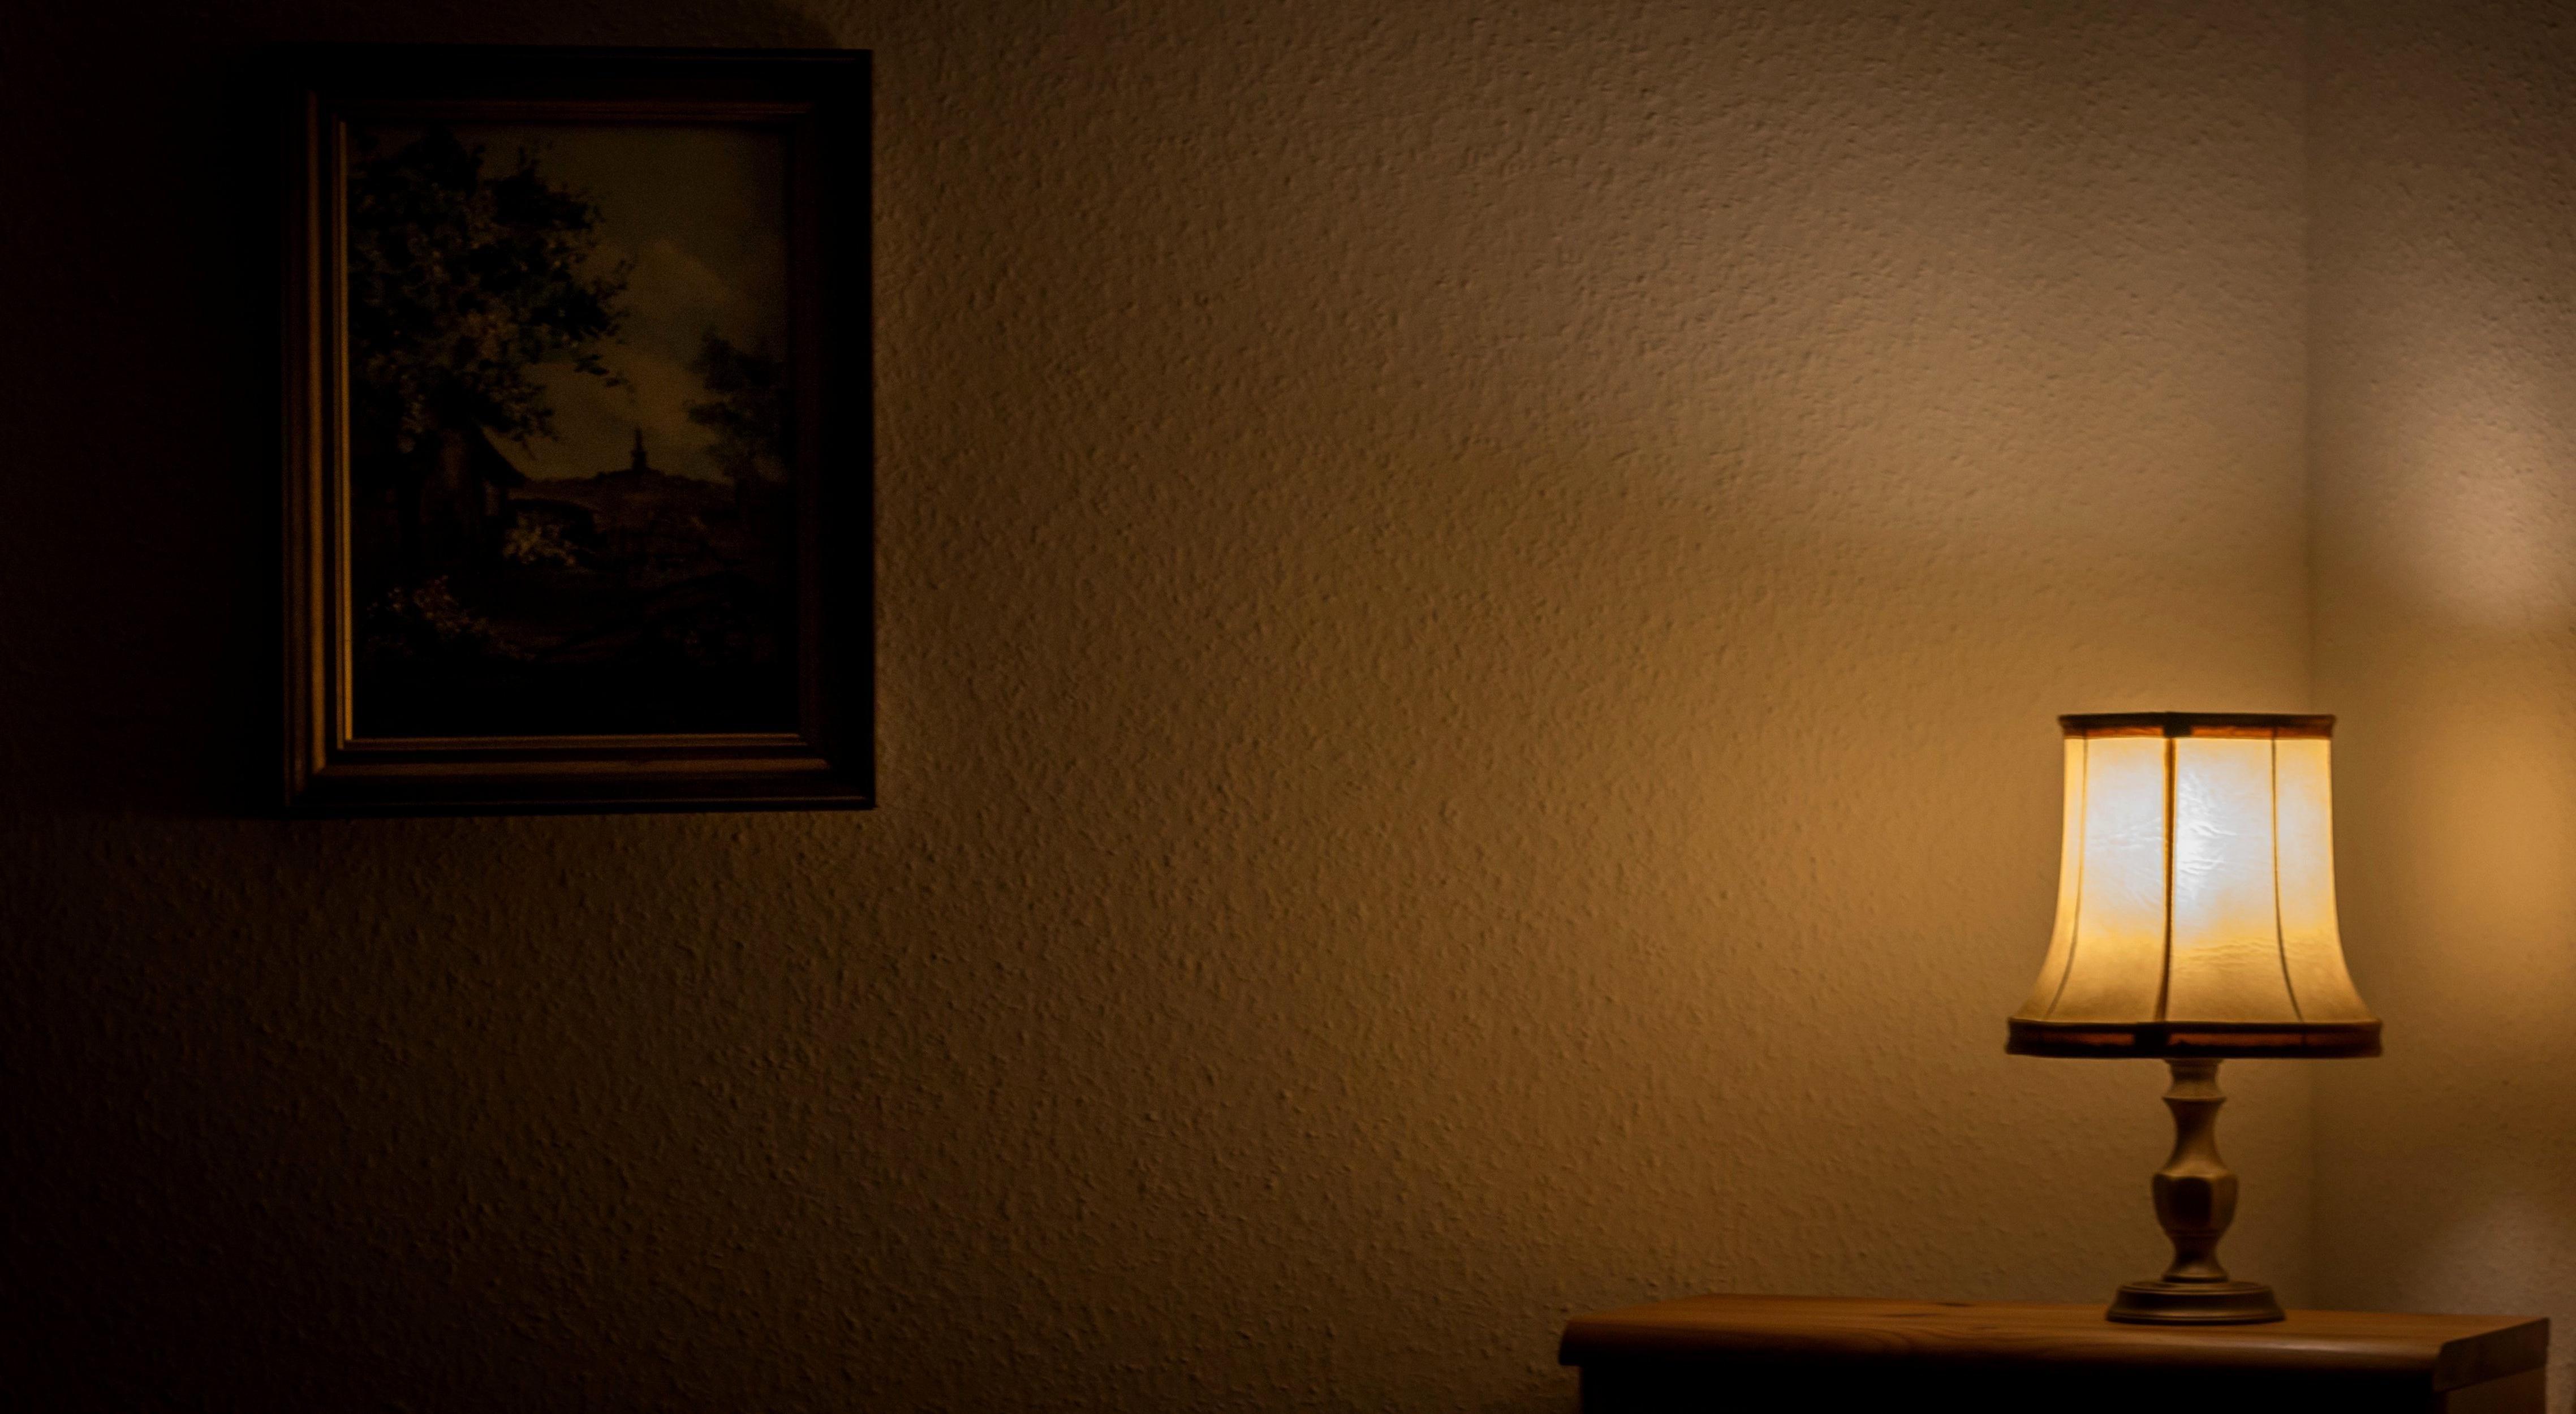 Image libre lampe pi ce int rieur lumi re for Interieur lumiere